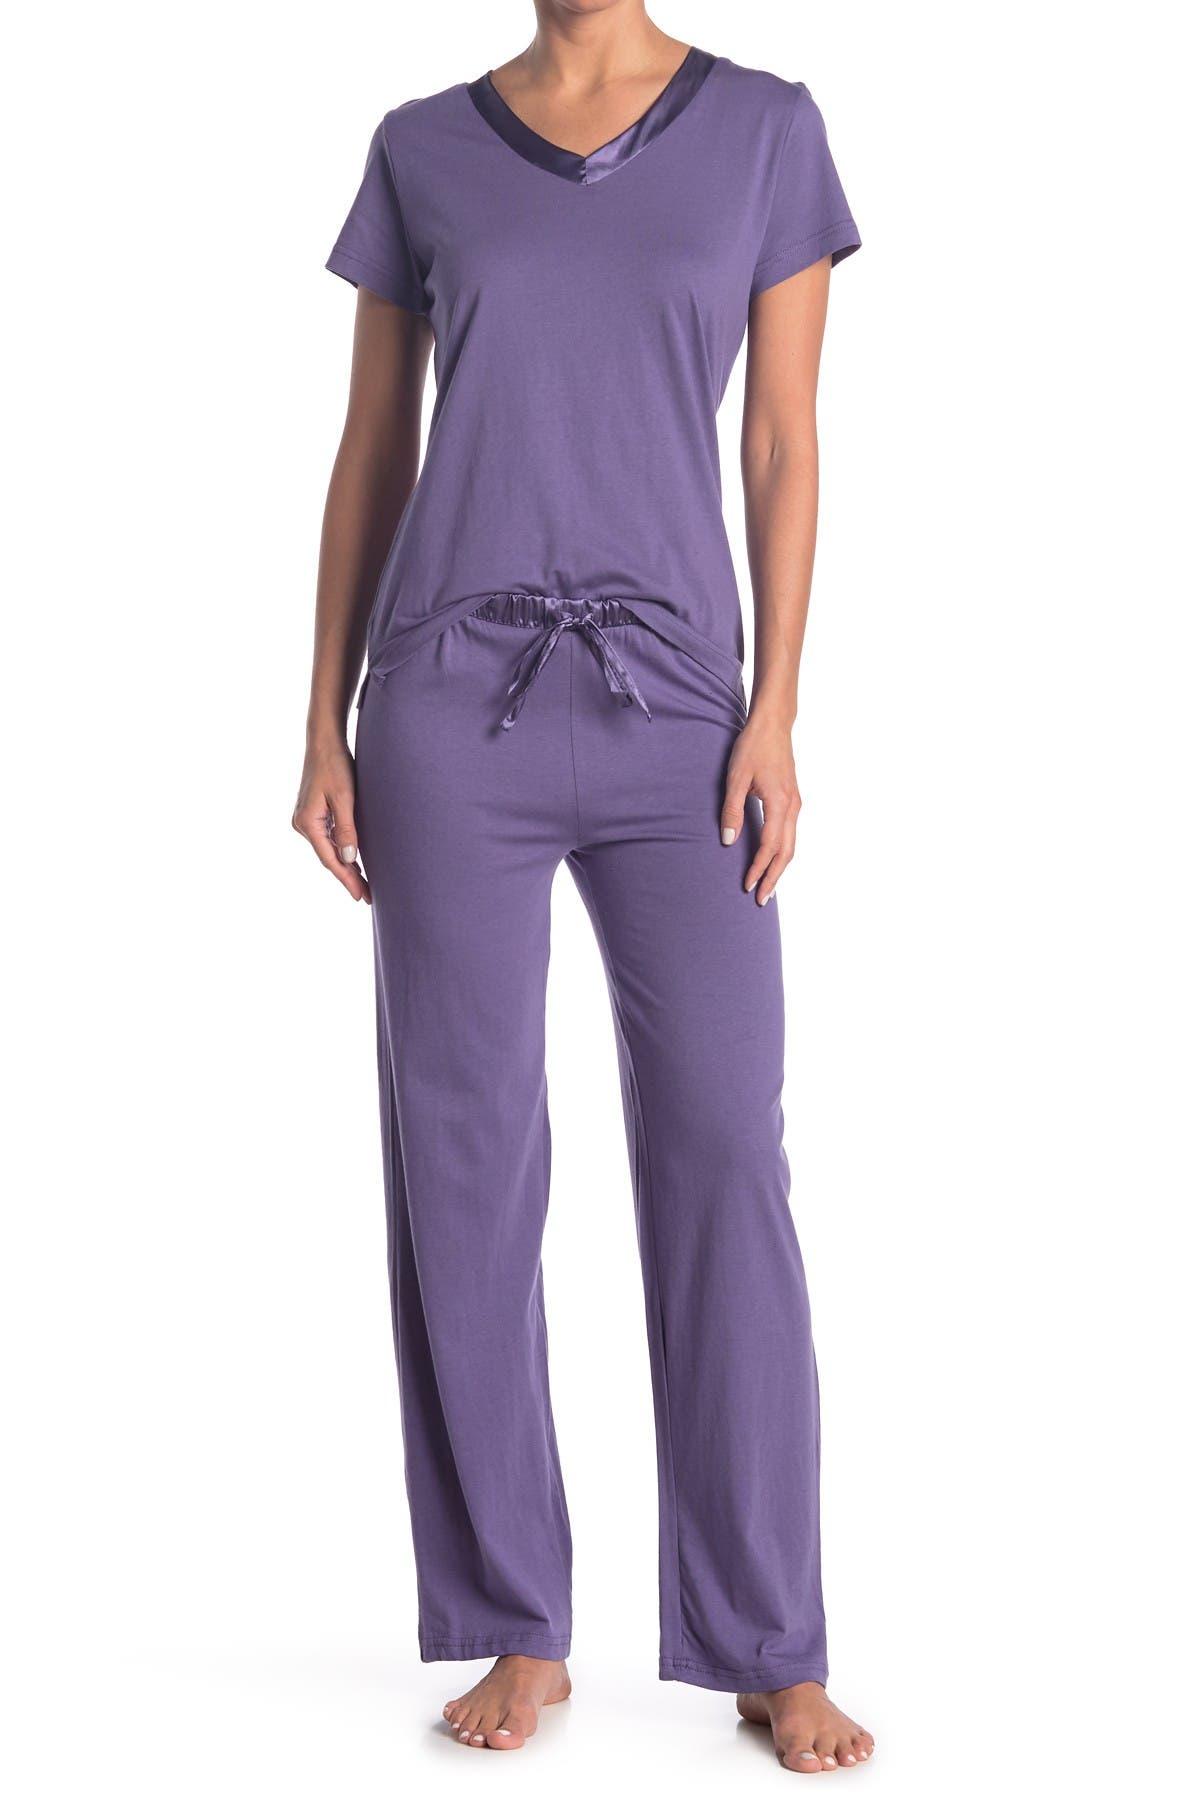 Image of Blis Satin Trim 2-Piece Pajama Set